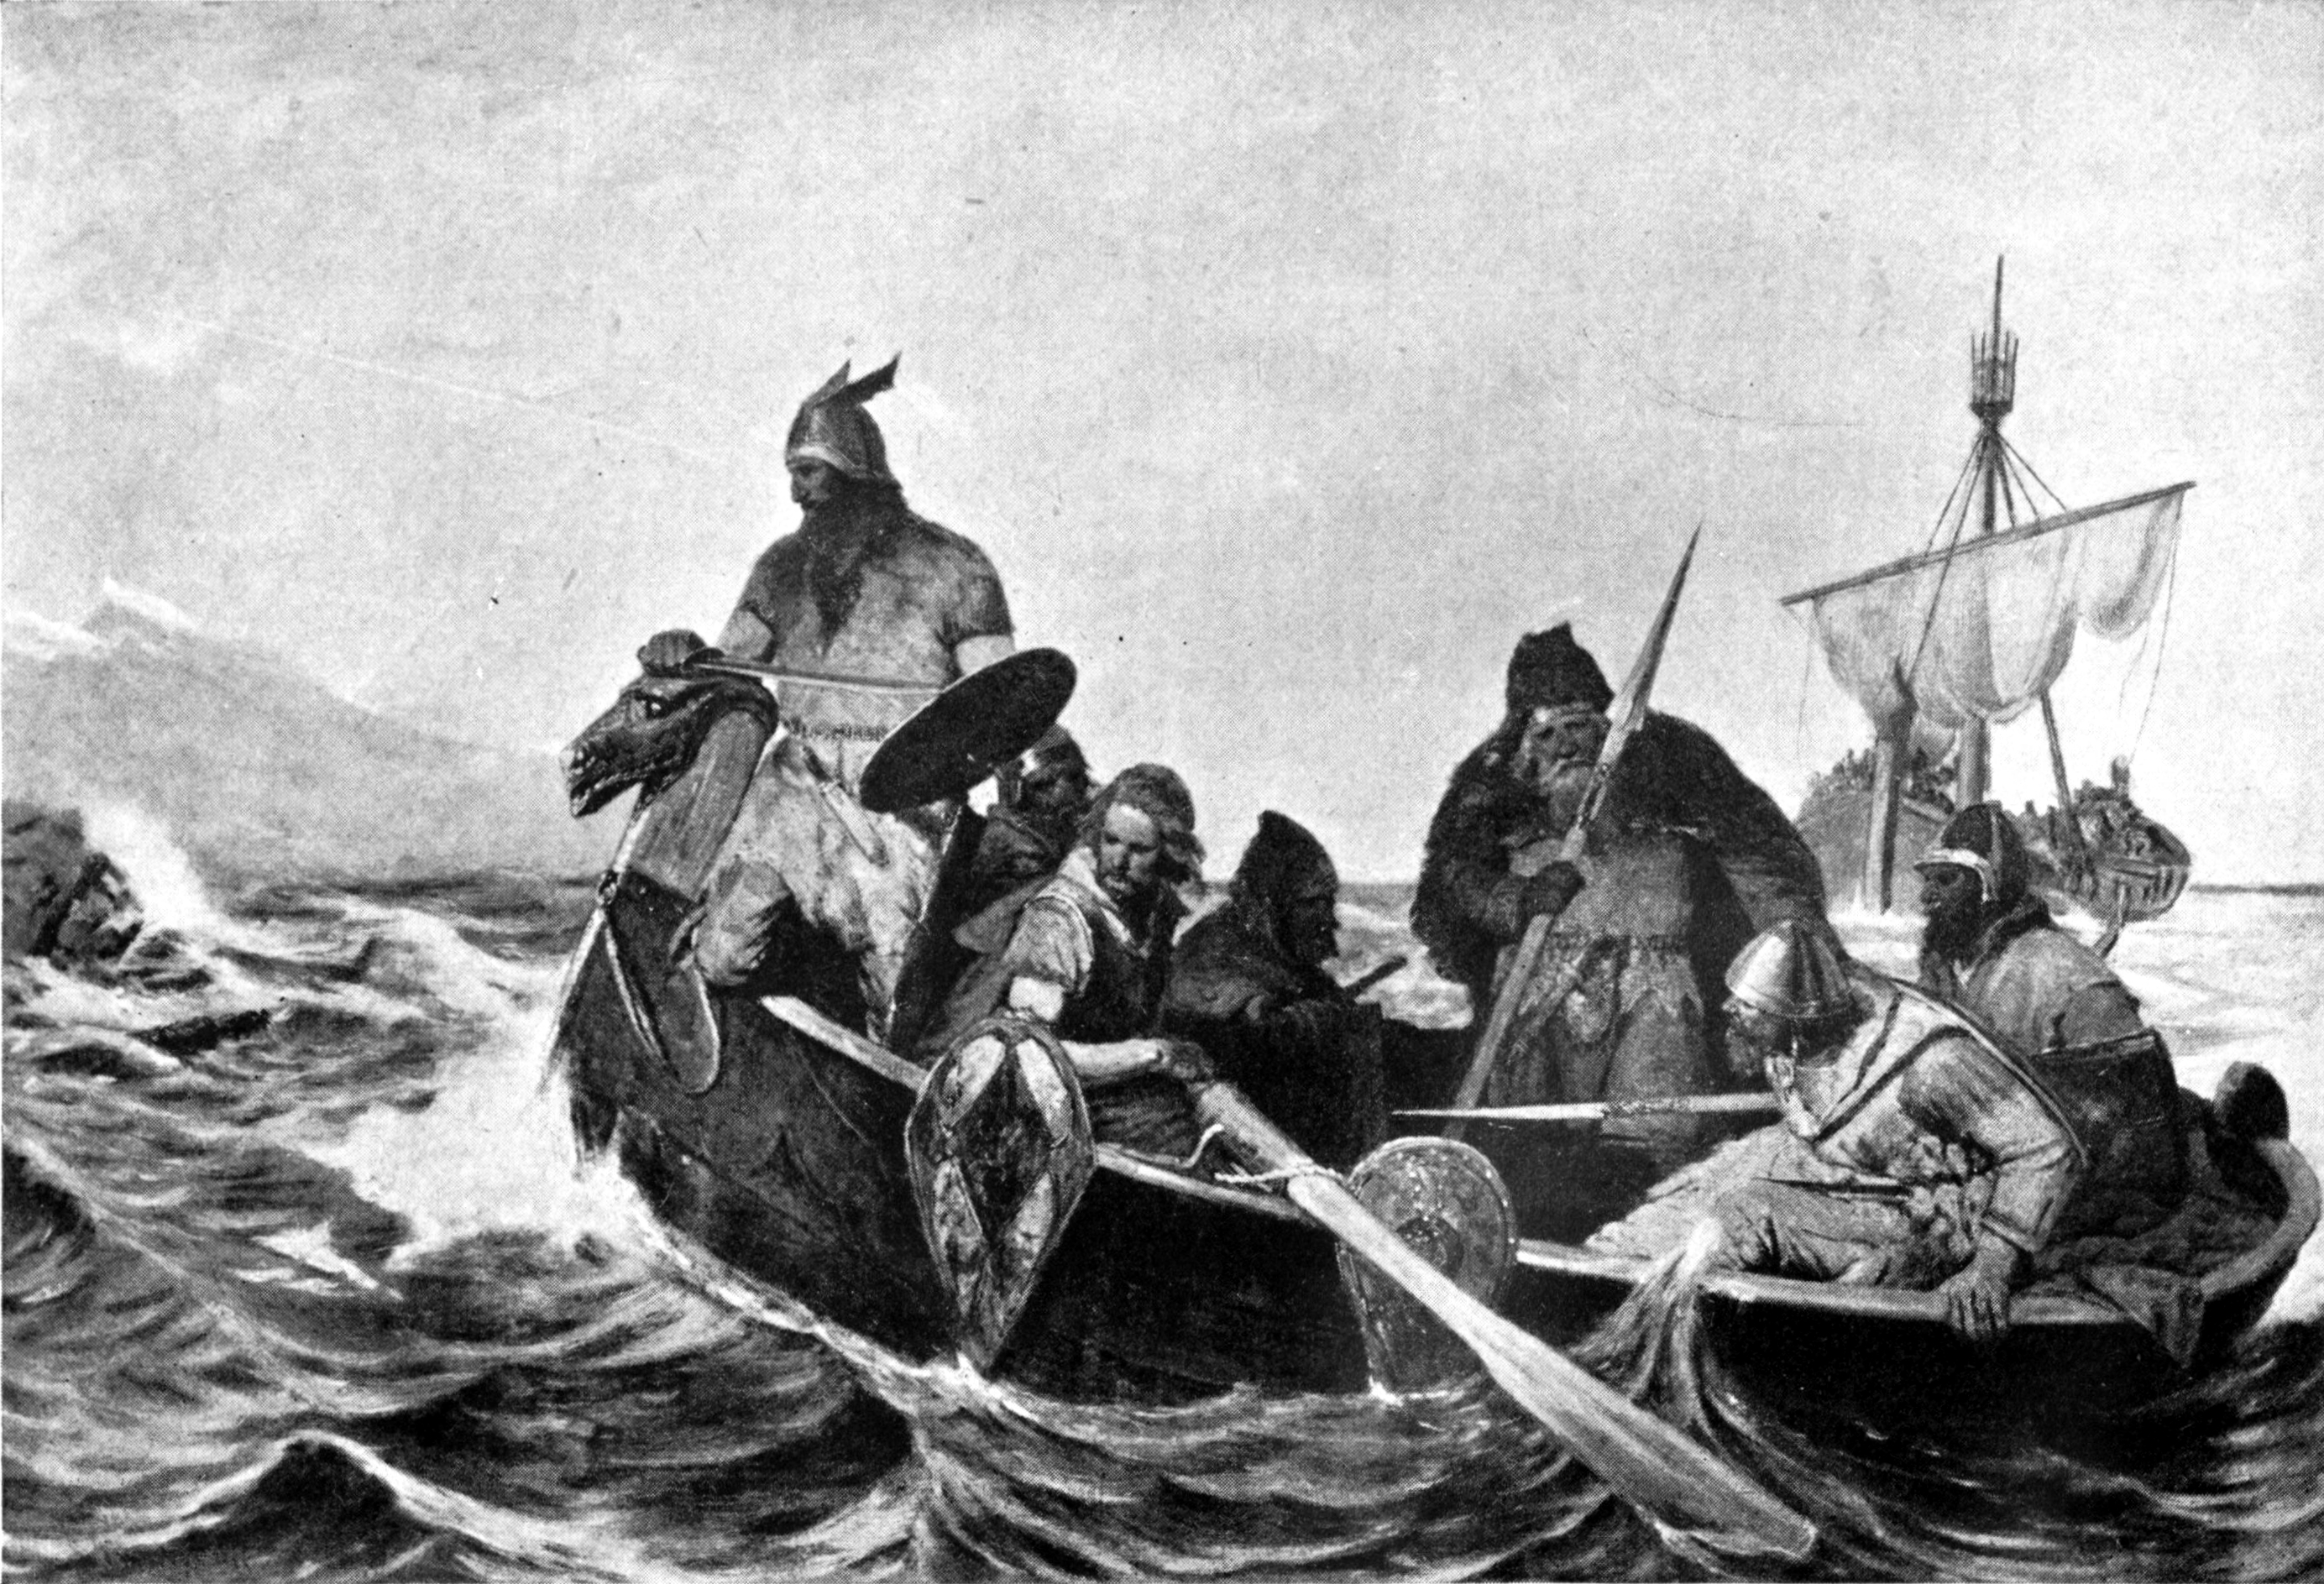 https://upload.wikimedia.org/wikipedia/commons/d/d0/Norsemen_Landing_in_Iceland.jpg